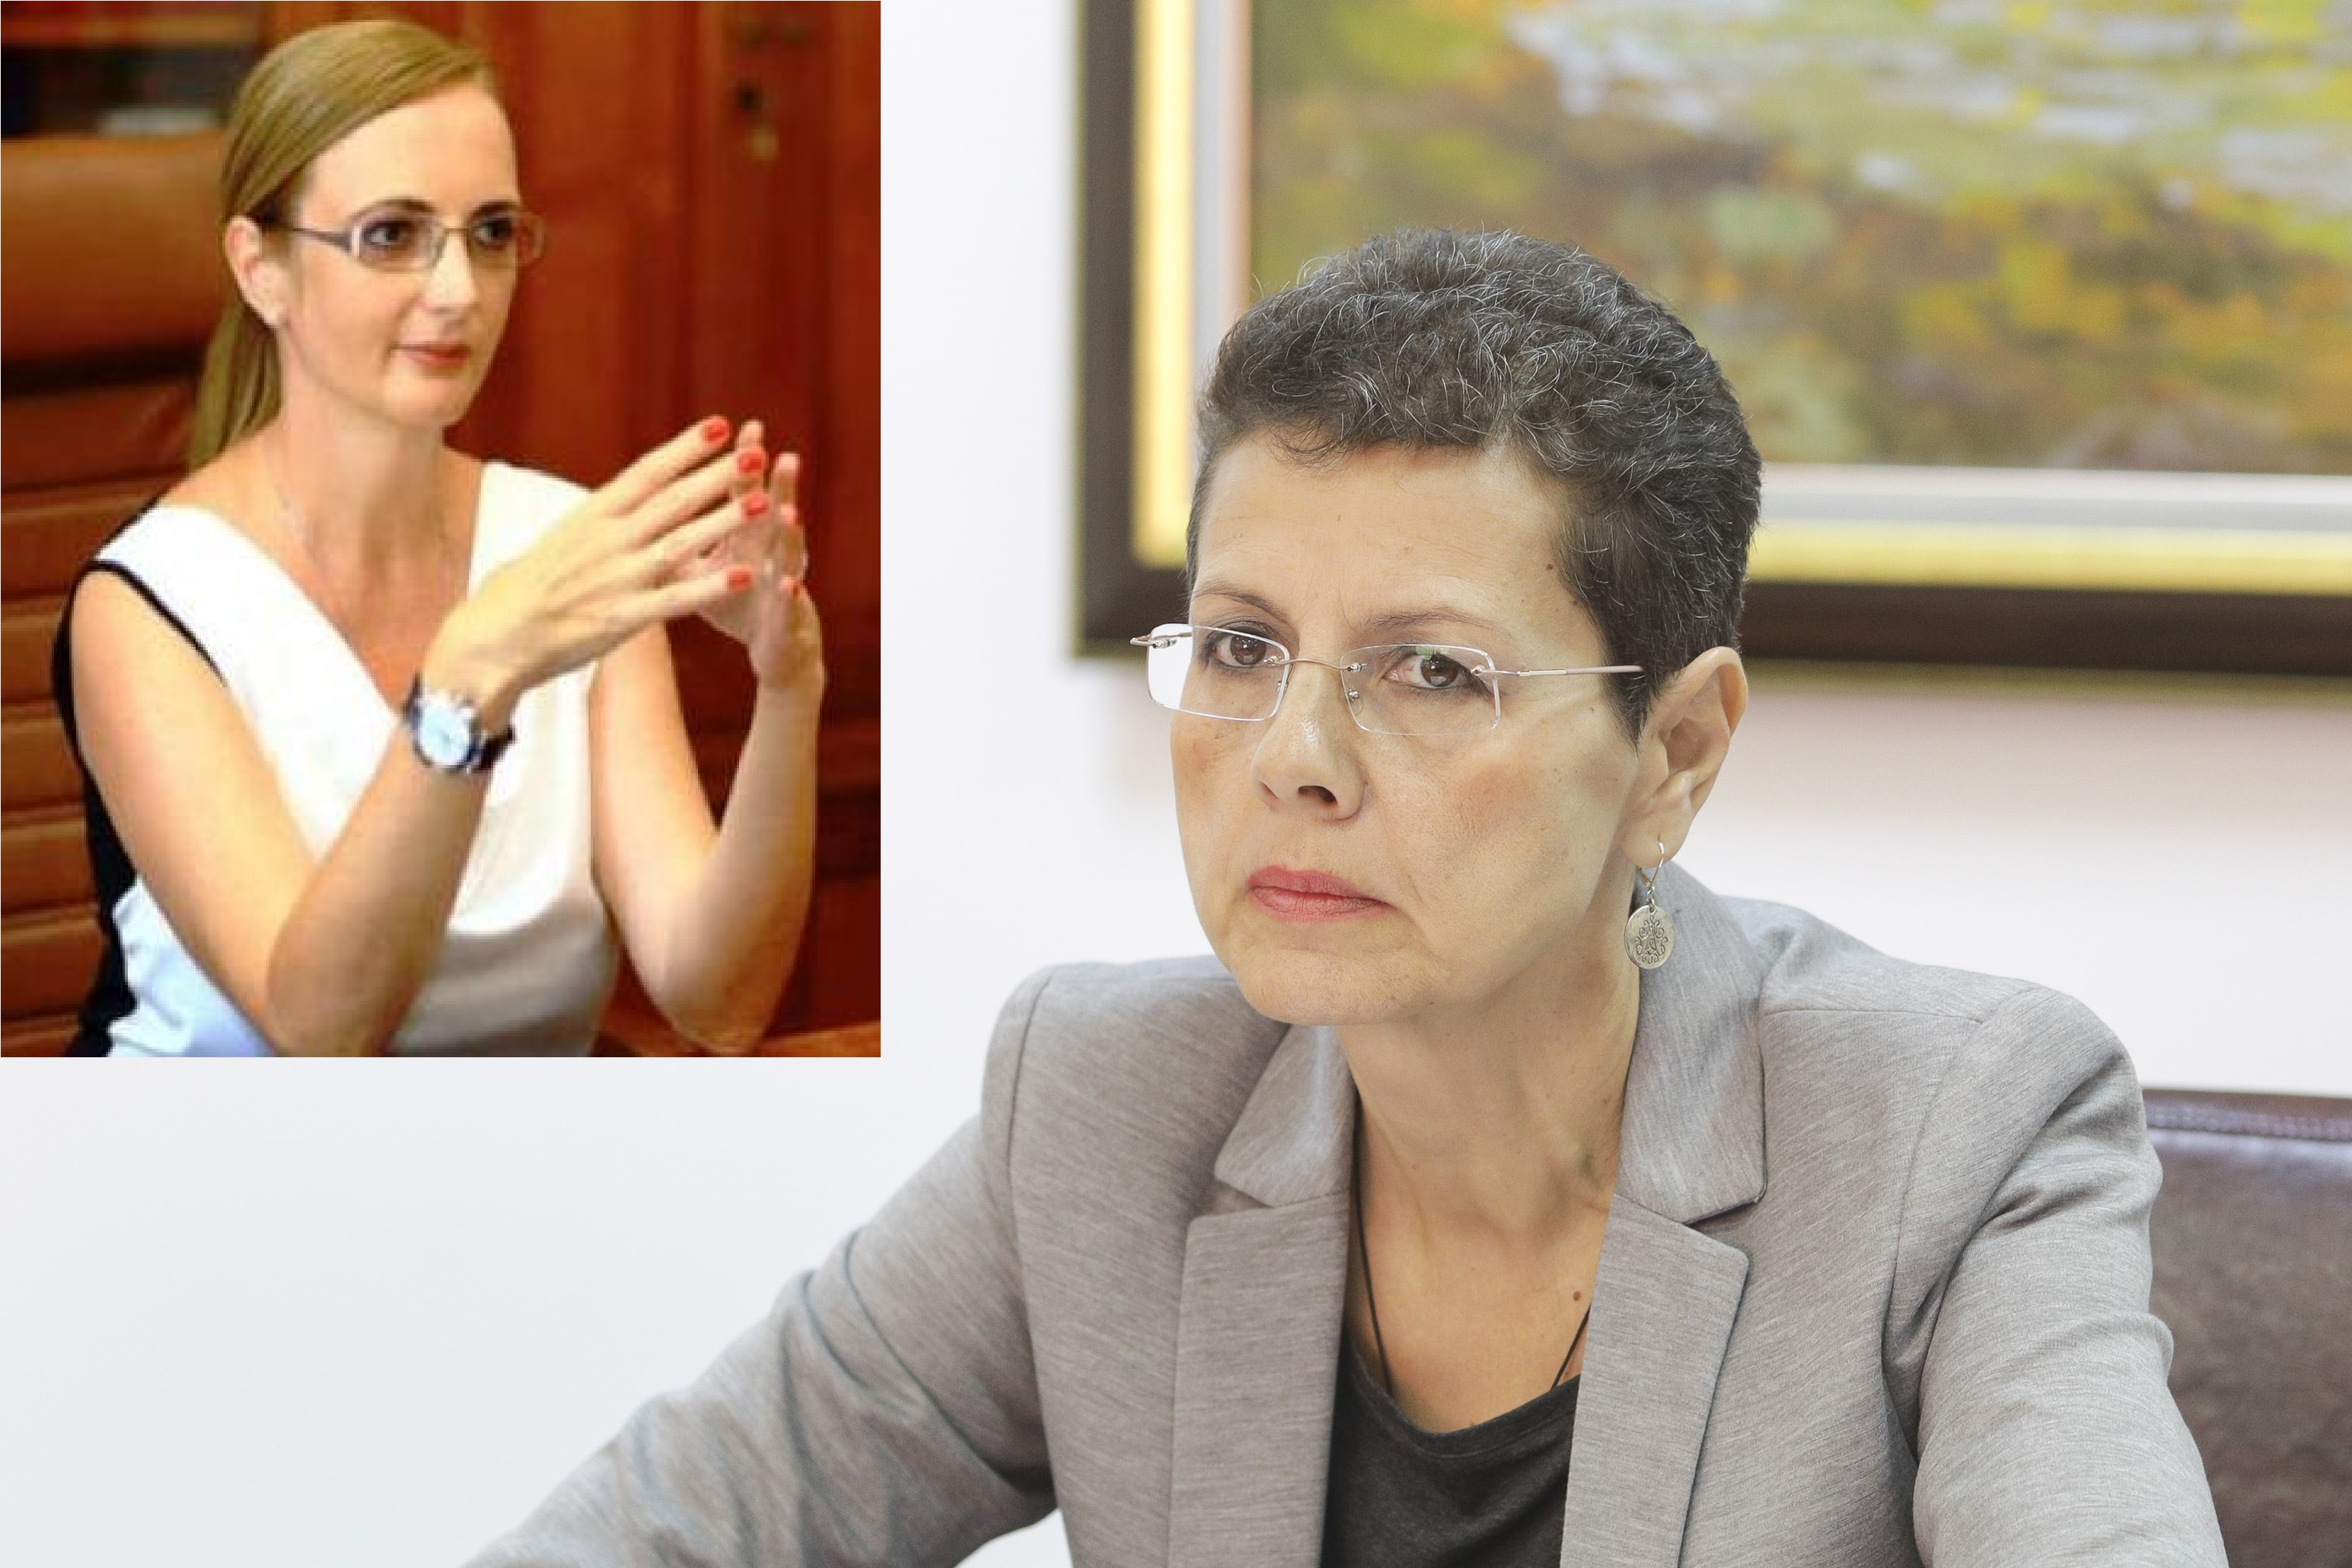 OFICIAL! Adina Florea rămâne pe drumuri! Ministrul a făcut anunțul. Va fi cutremur în justiție